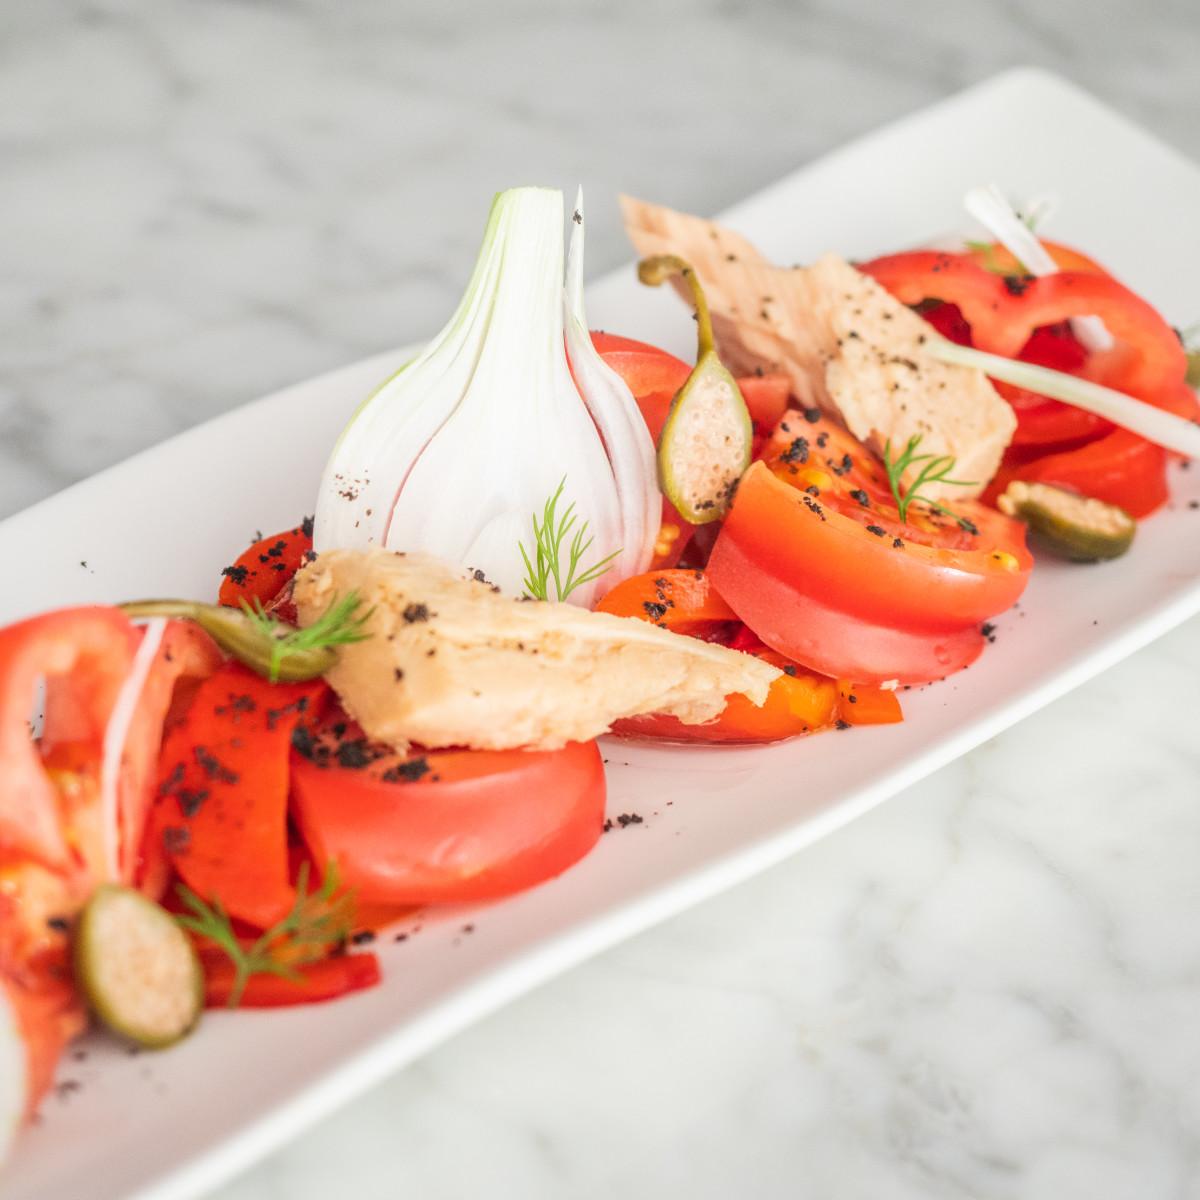 La ensalada roja: tomate, pimiento asado, salmorejo y ventresca